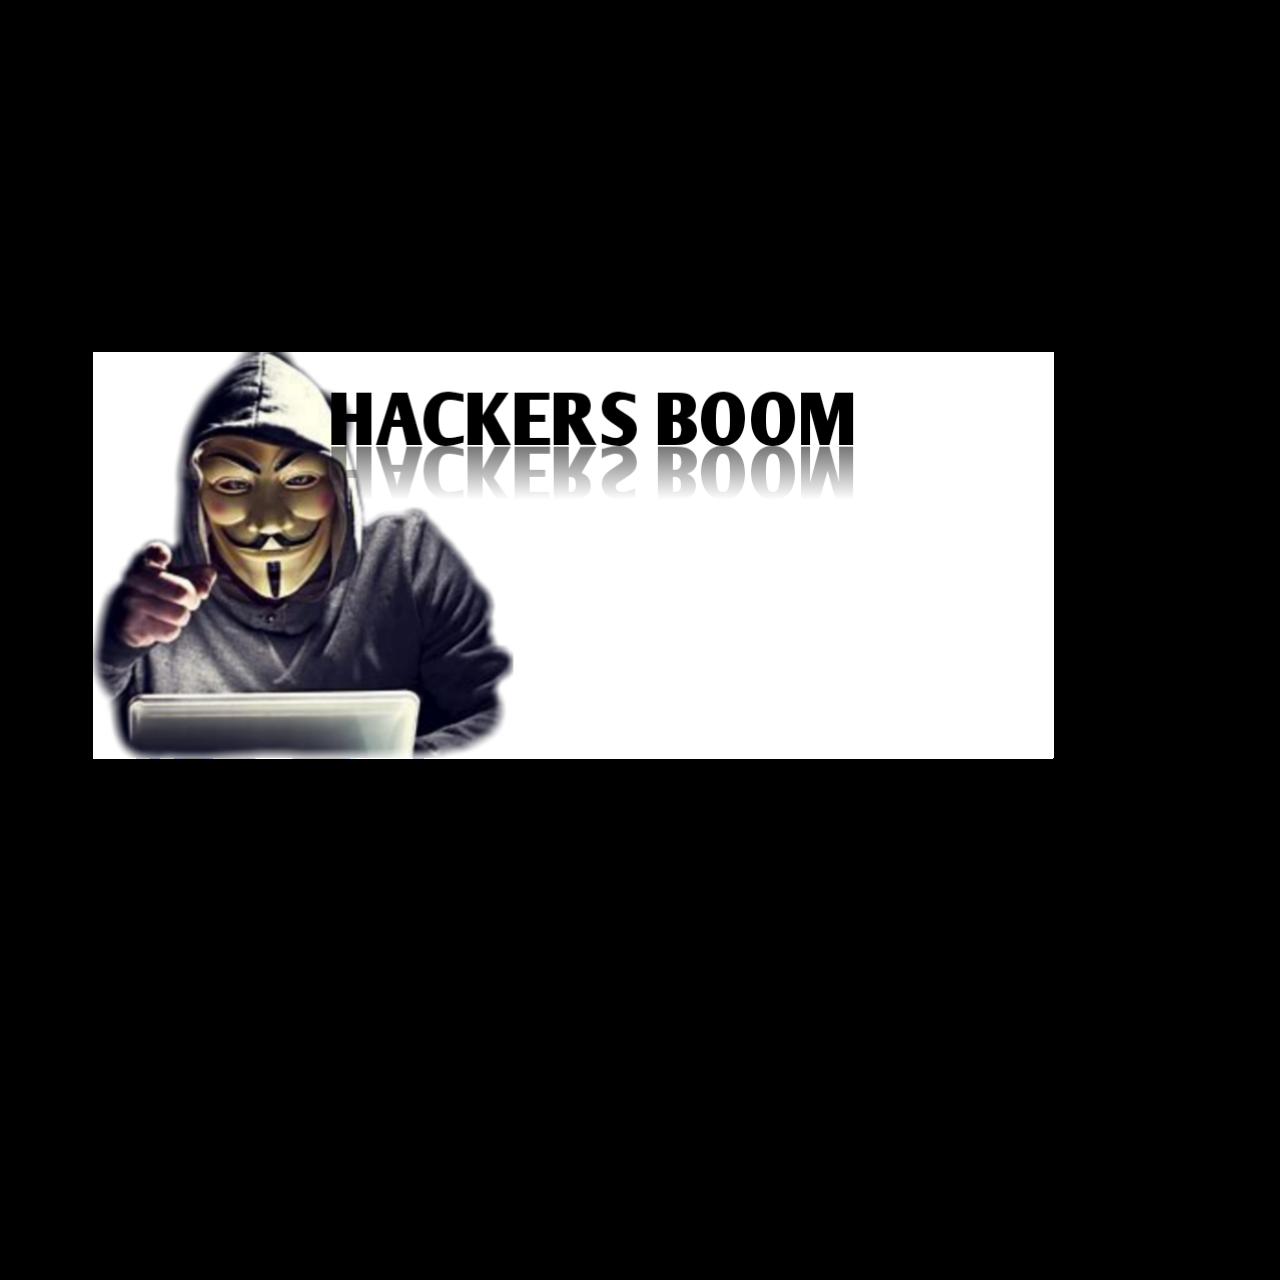 Hackersboom